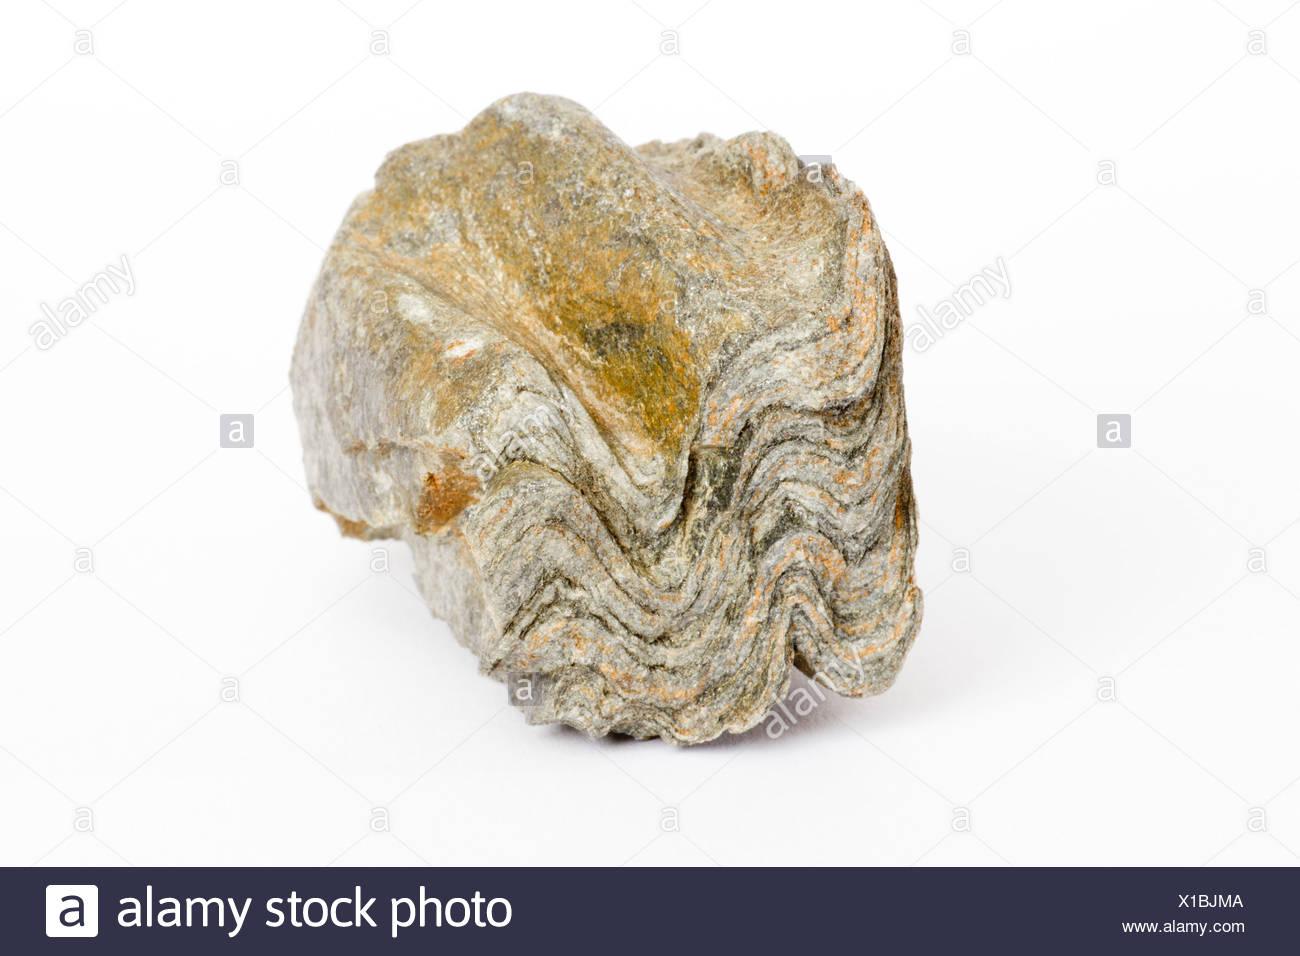 Stone, rock, folds, pattern, sample, structure, Geology, rock folds - Stock Image